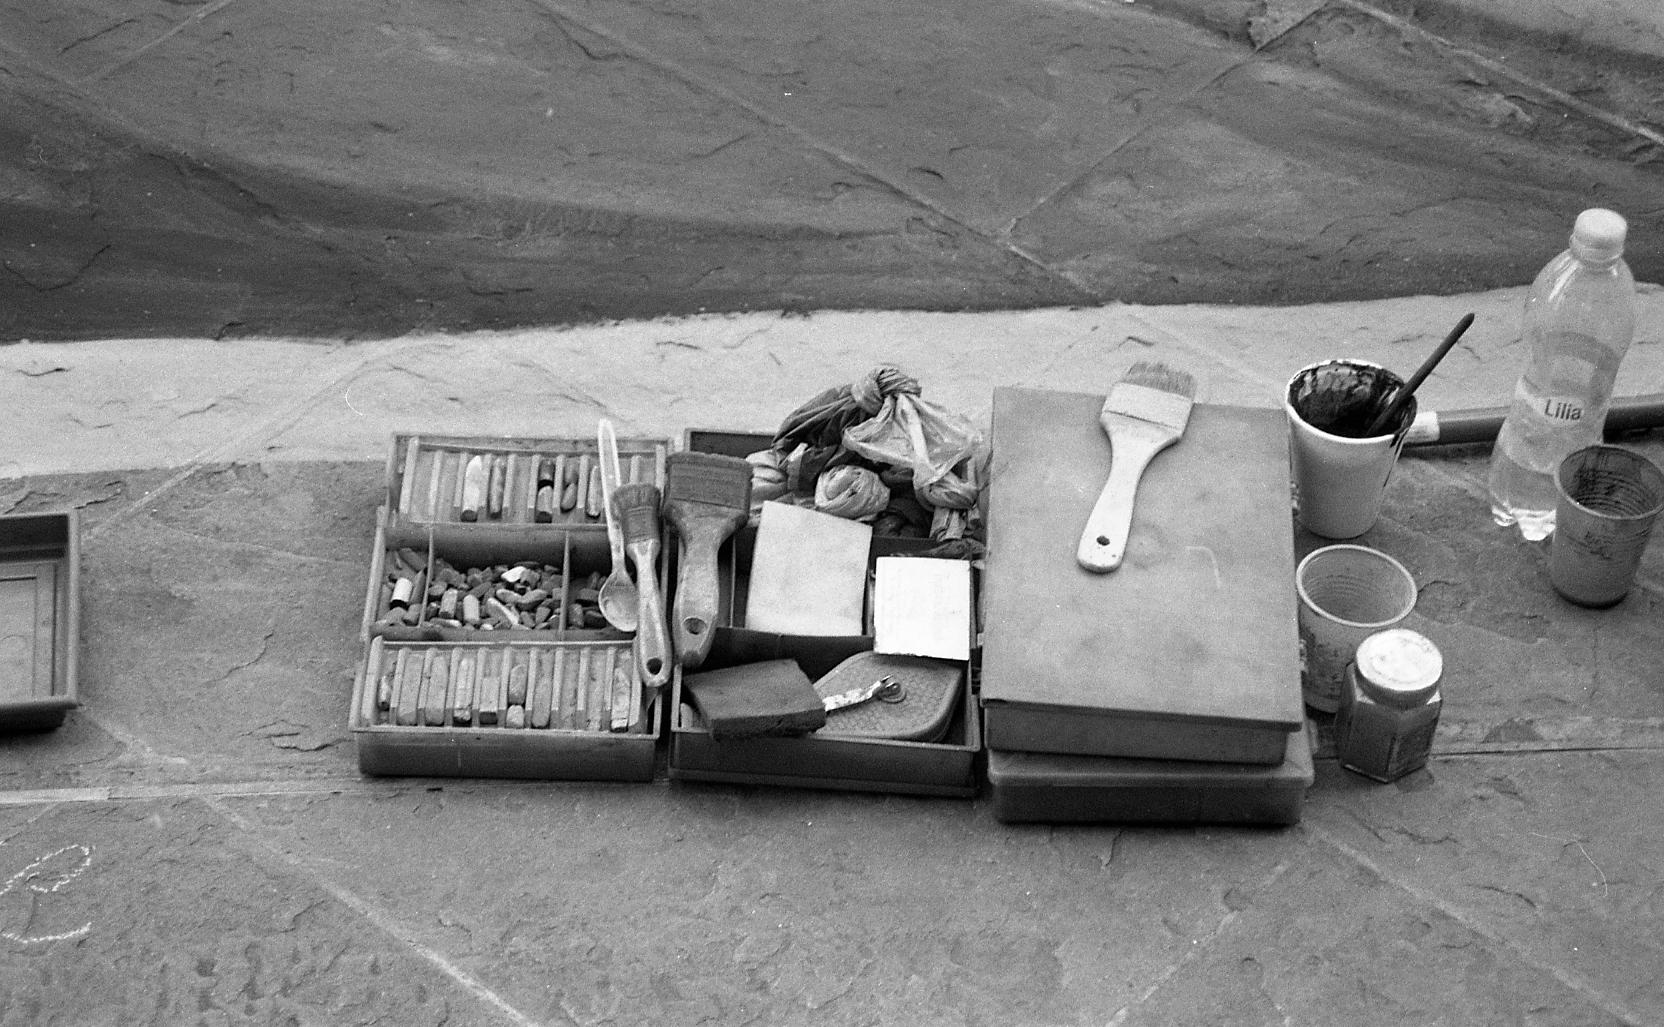 supplies. 35mm film.